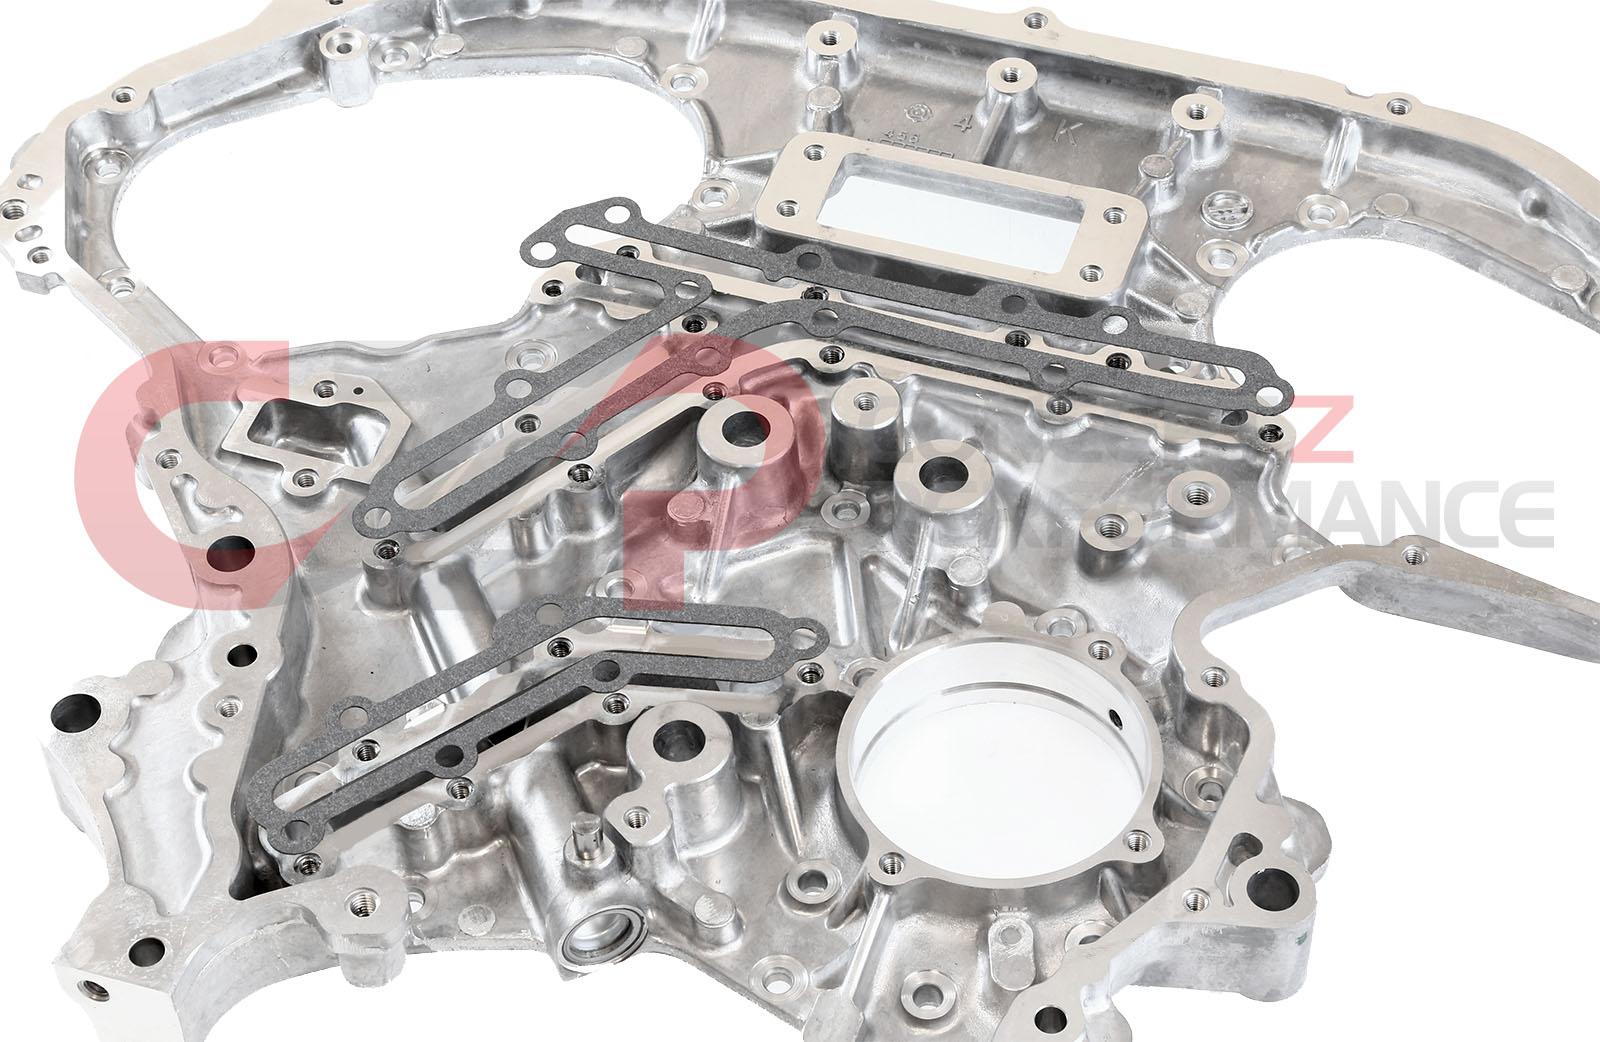 hight resolution of czp rear timing cover oil gallery gasket set vq35de nissan 350z infiniti g35 fx35 13533 vq35de kt b 7991a26x14 kt concept z performance